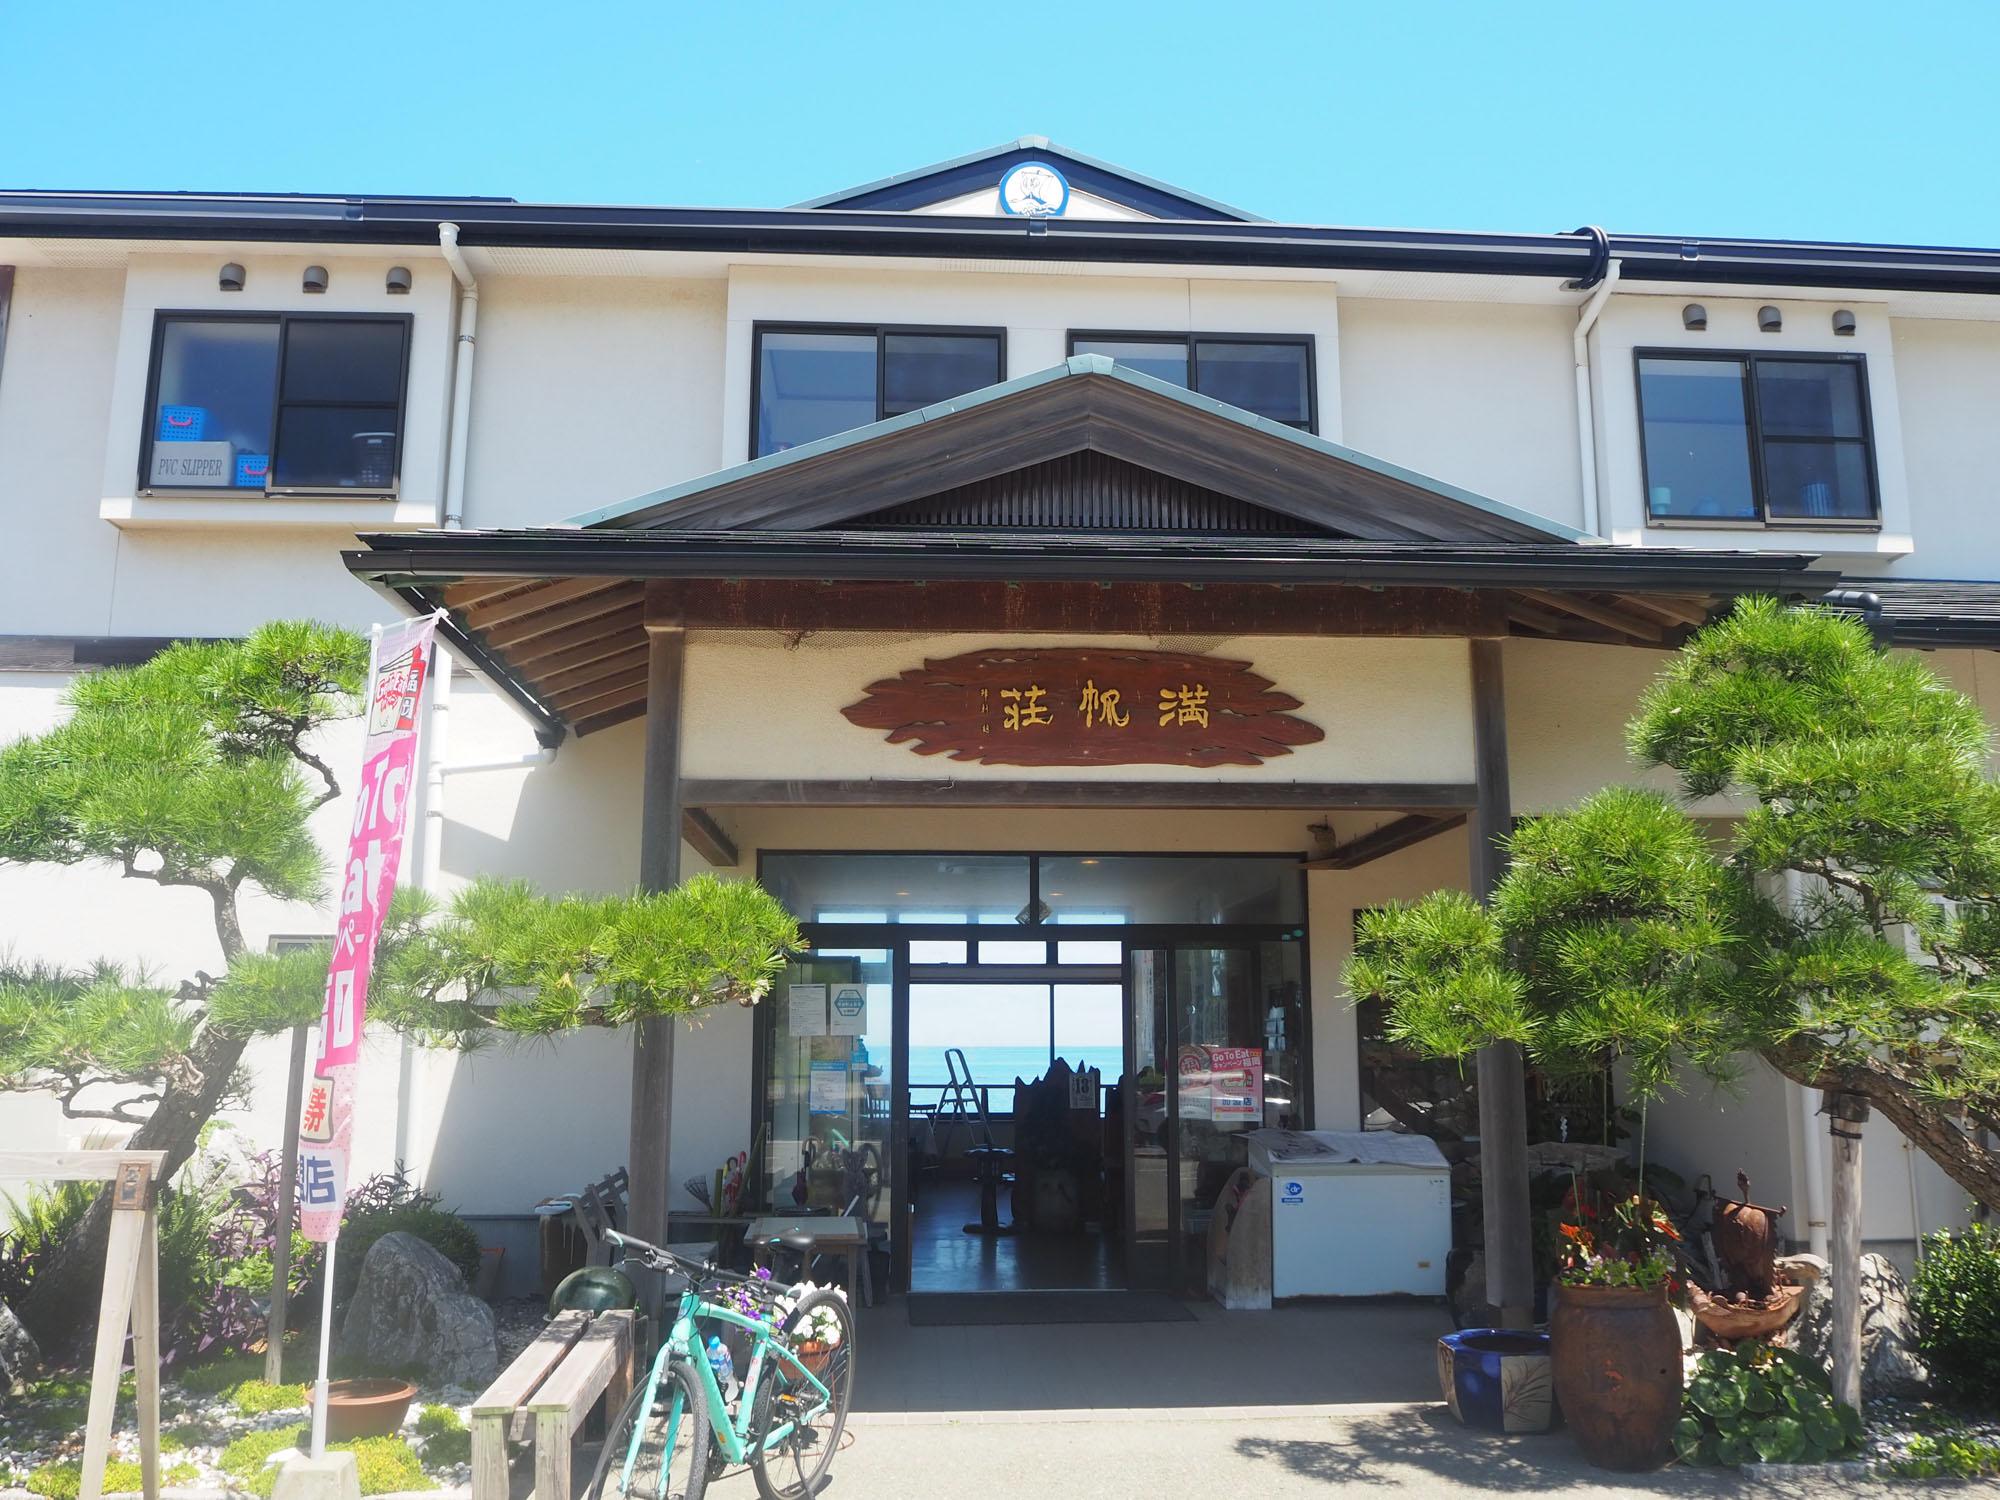 今日のランチは「浜辺の旅館 満帆荘」さんでいただきます。